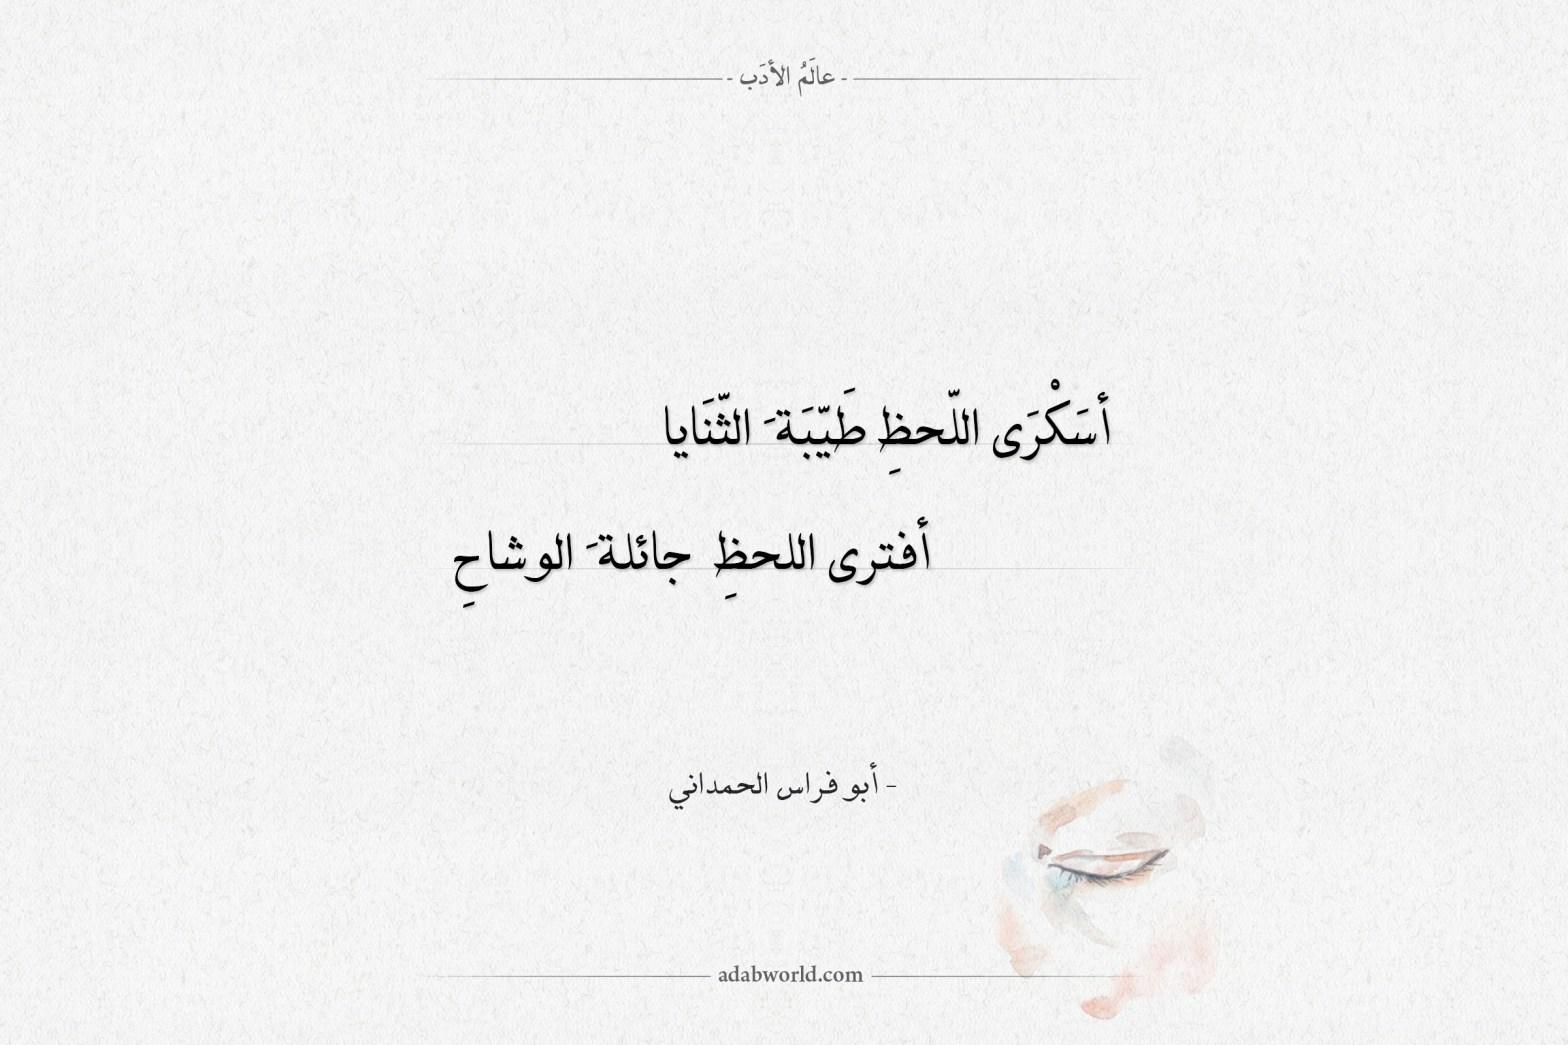 شعر أبو فراس الحمداني أيلحاني على العبرات لاح